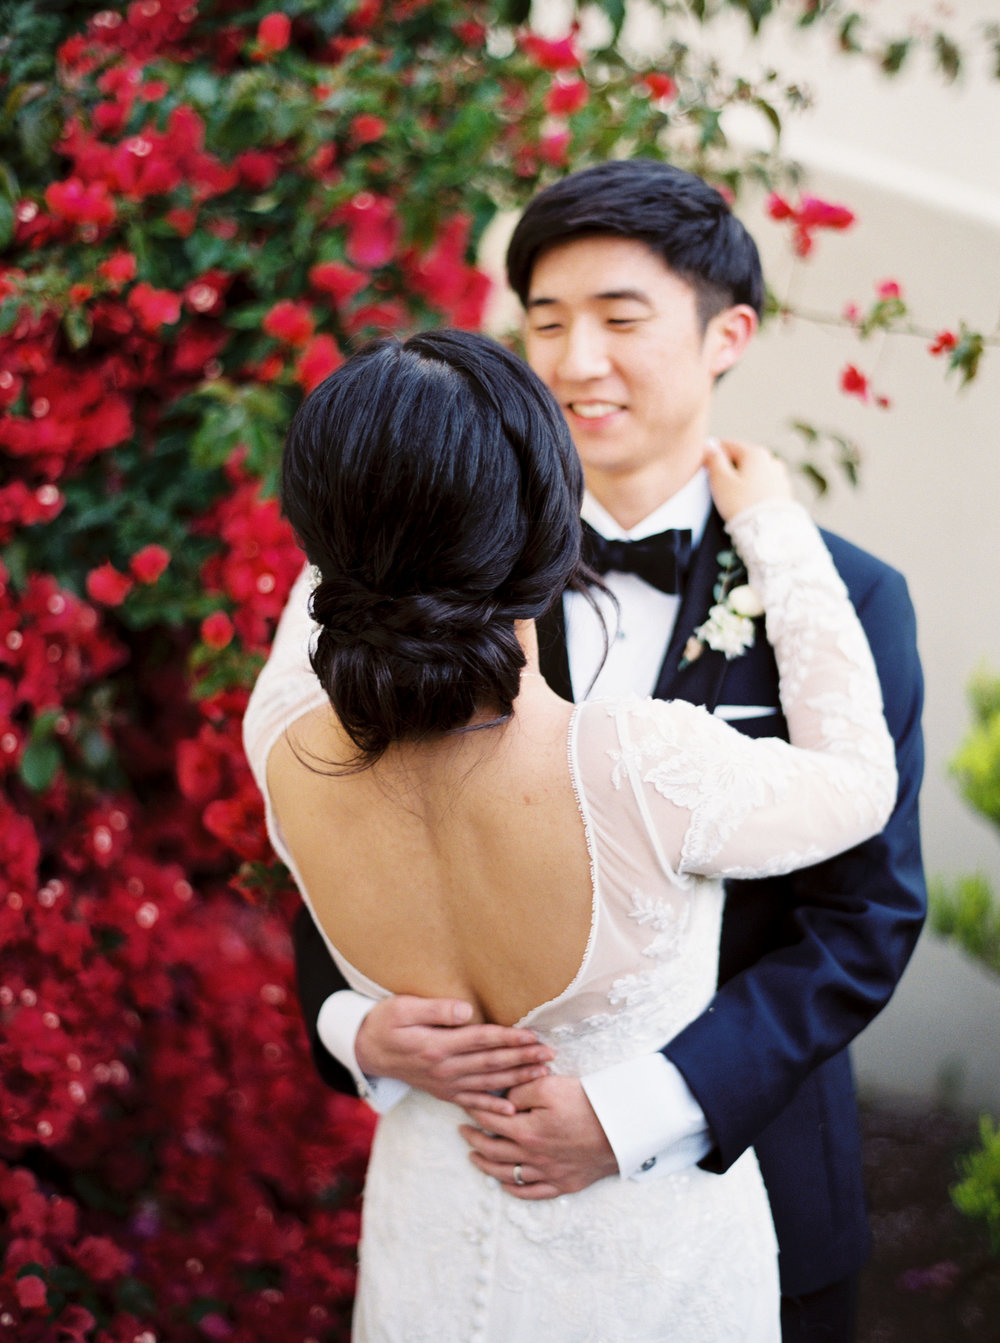 carmel-wedding-at-wedgewood-carmel-california-20.jpg